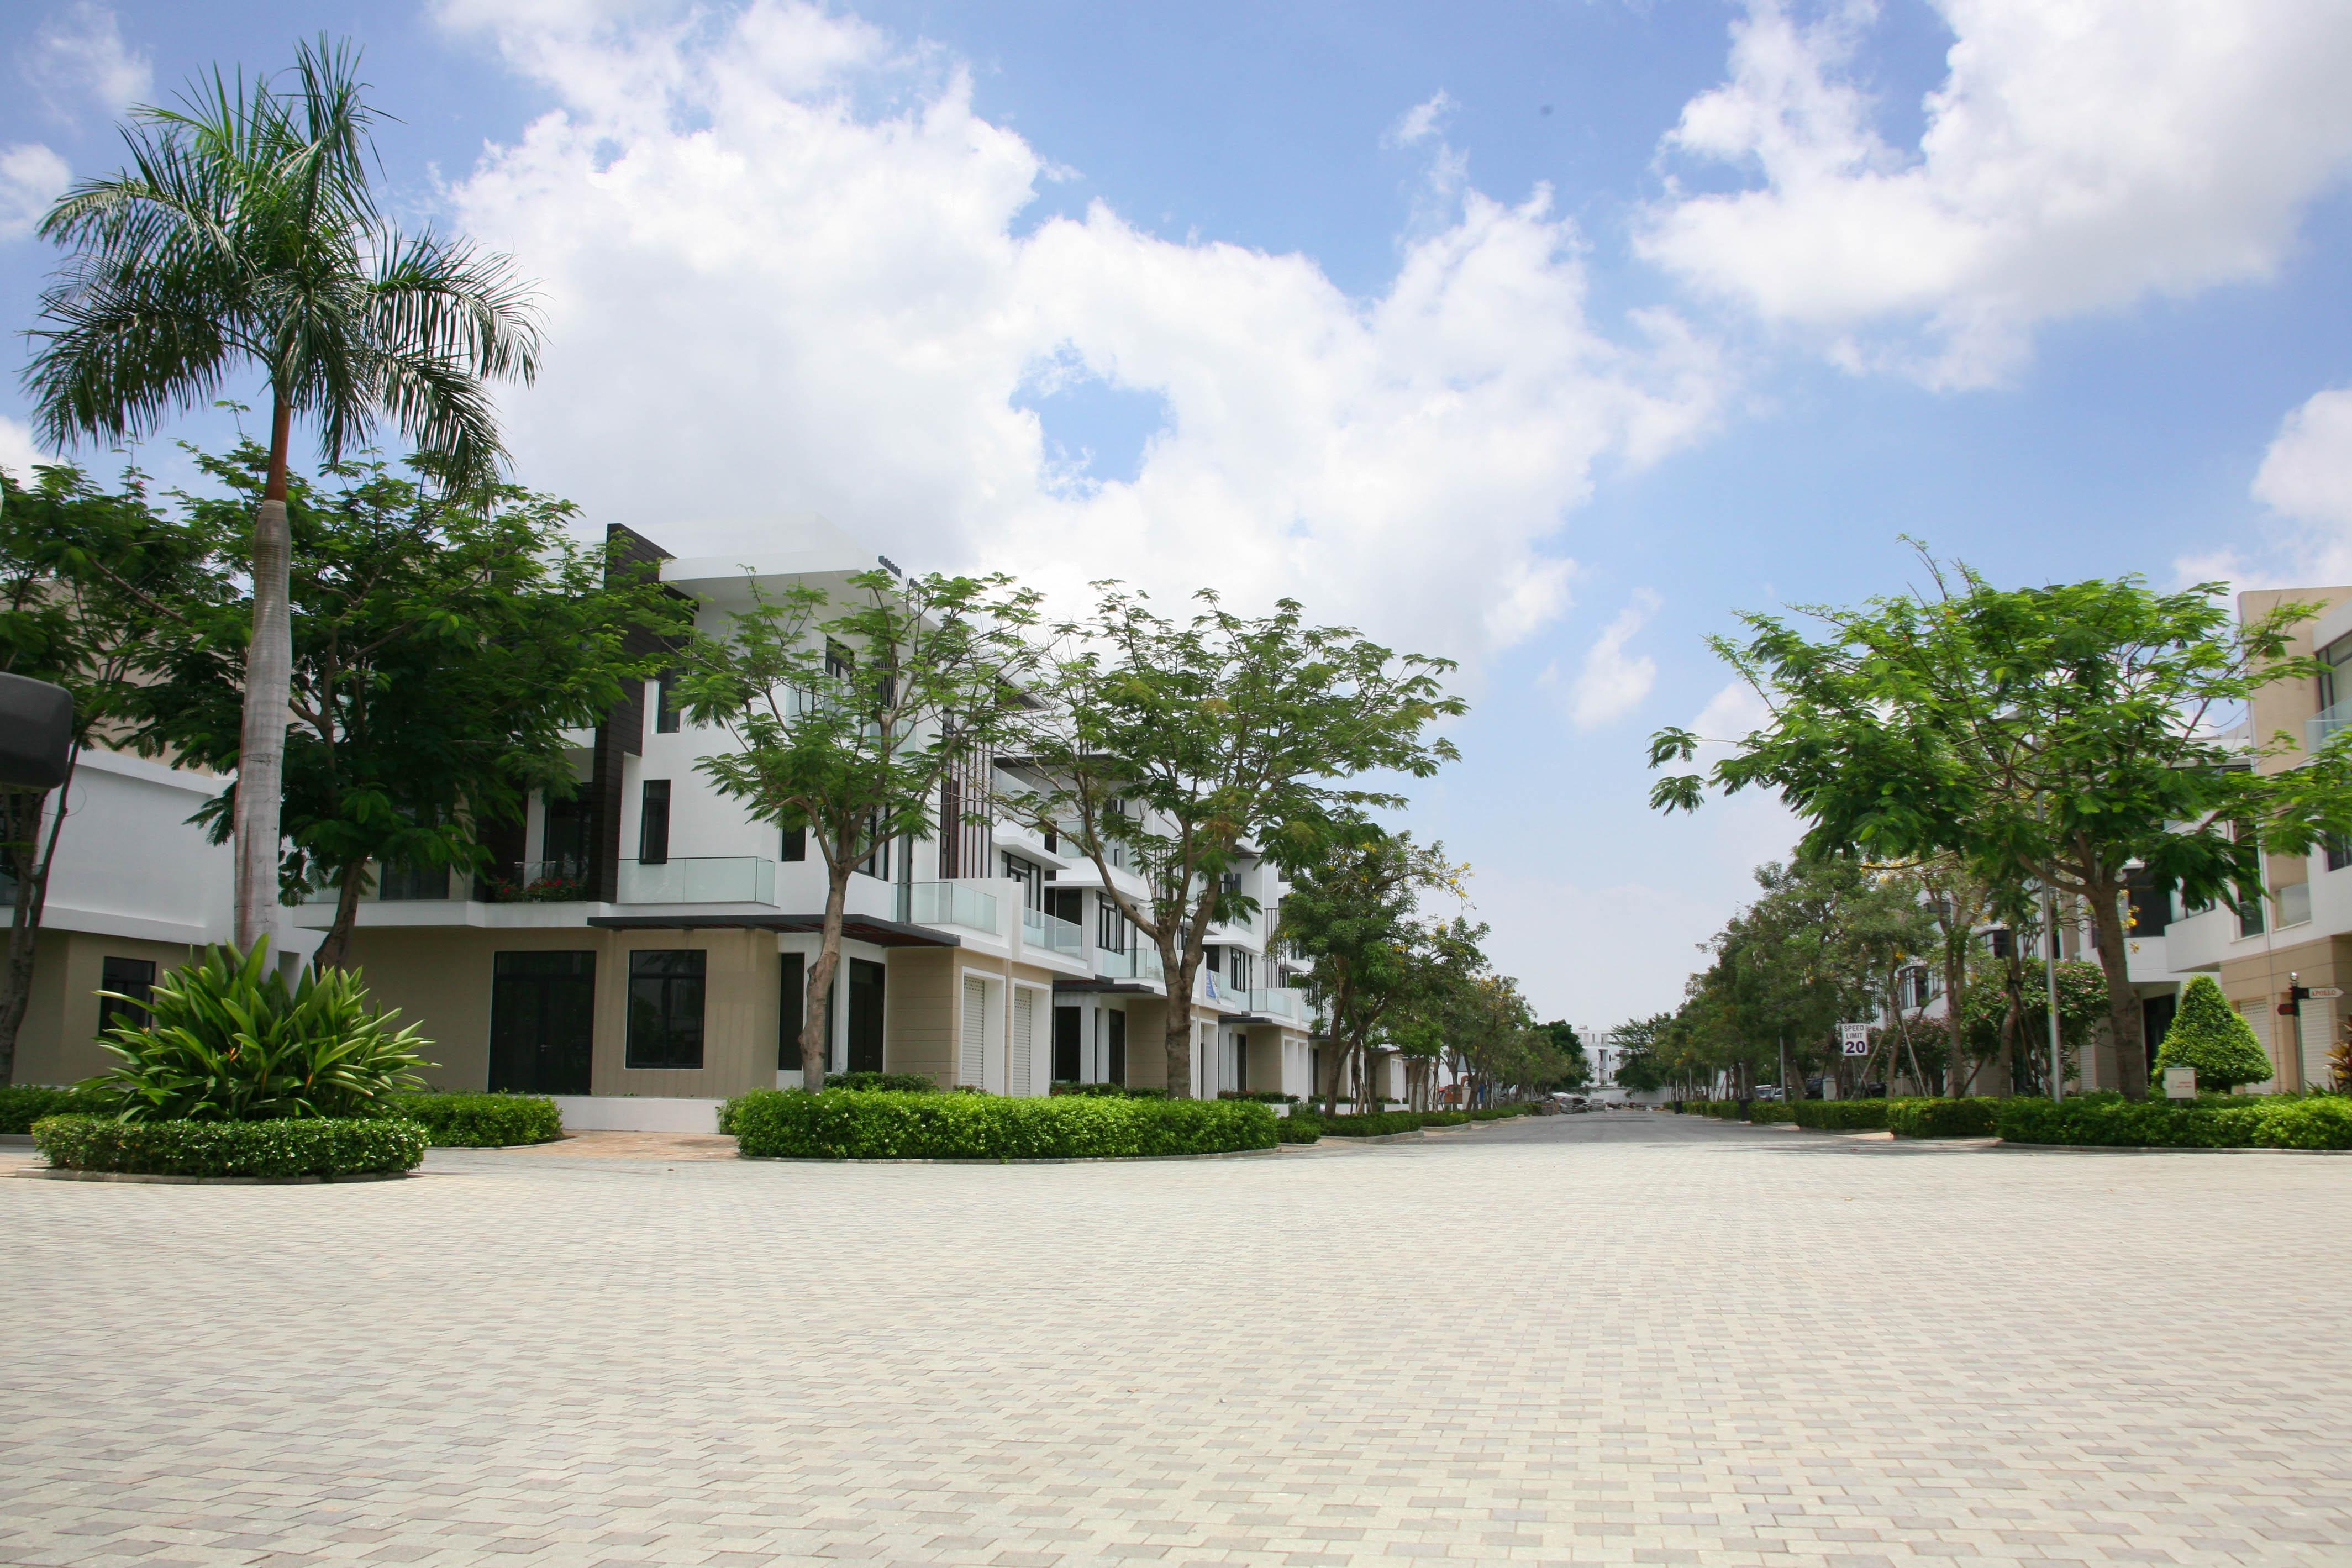 Hình ảnh thực tế các biệt thự Lucasta Quận 9